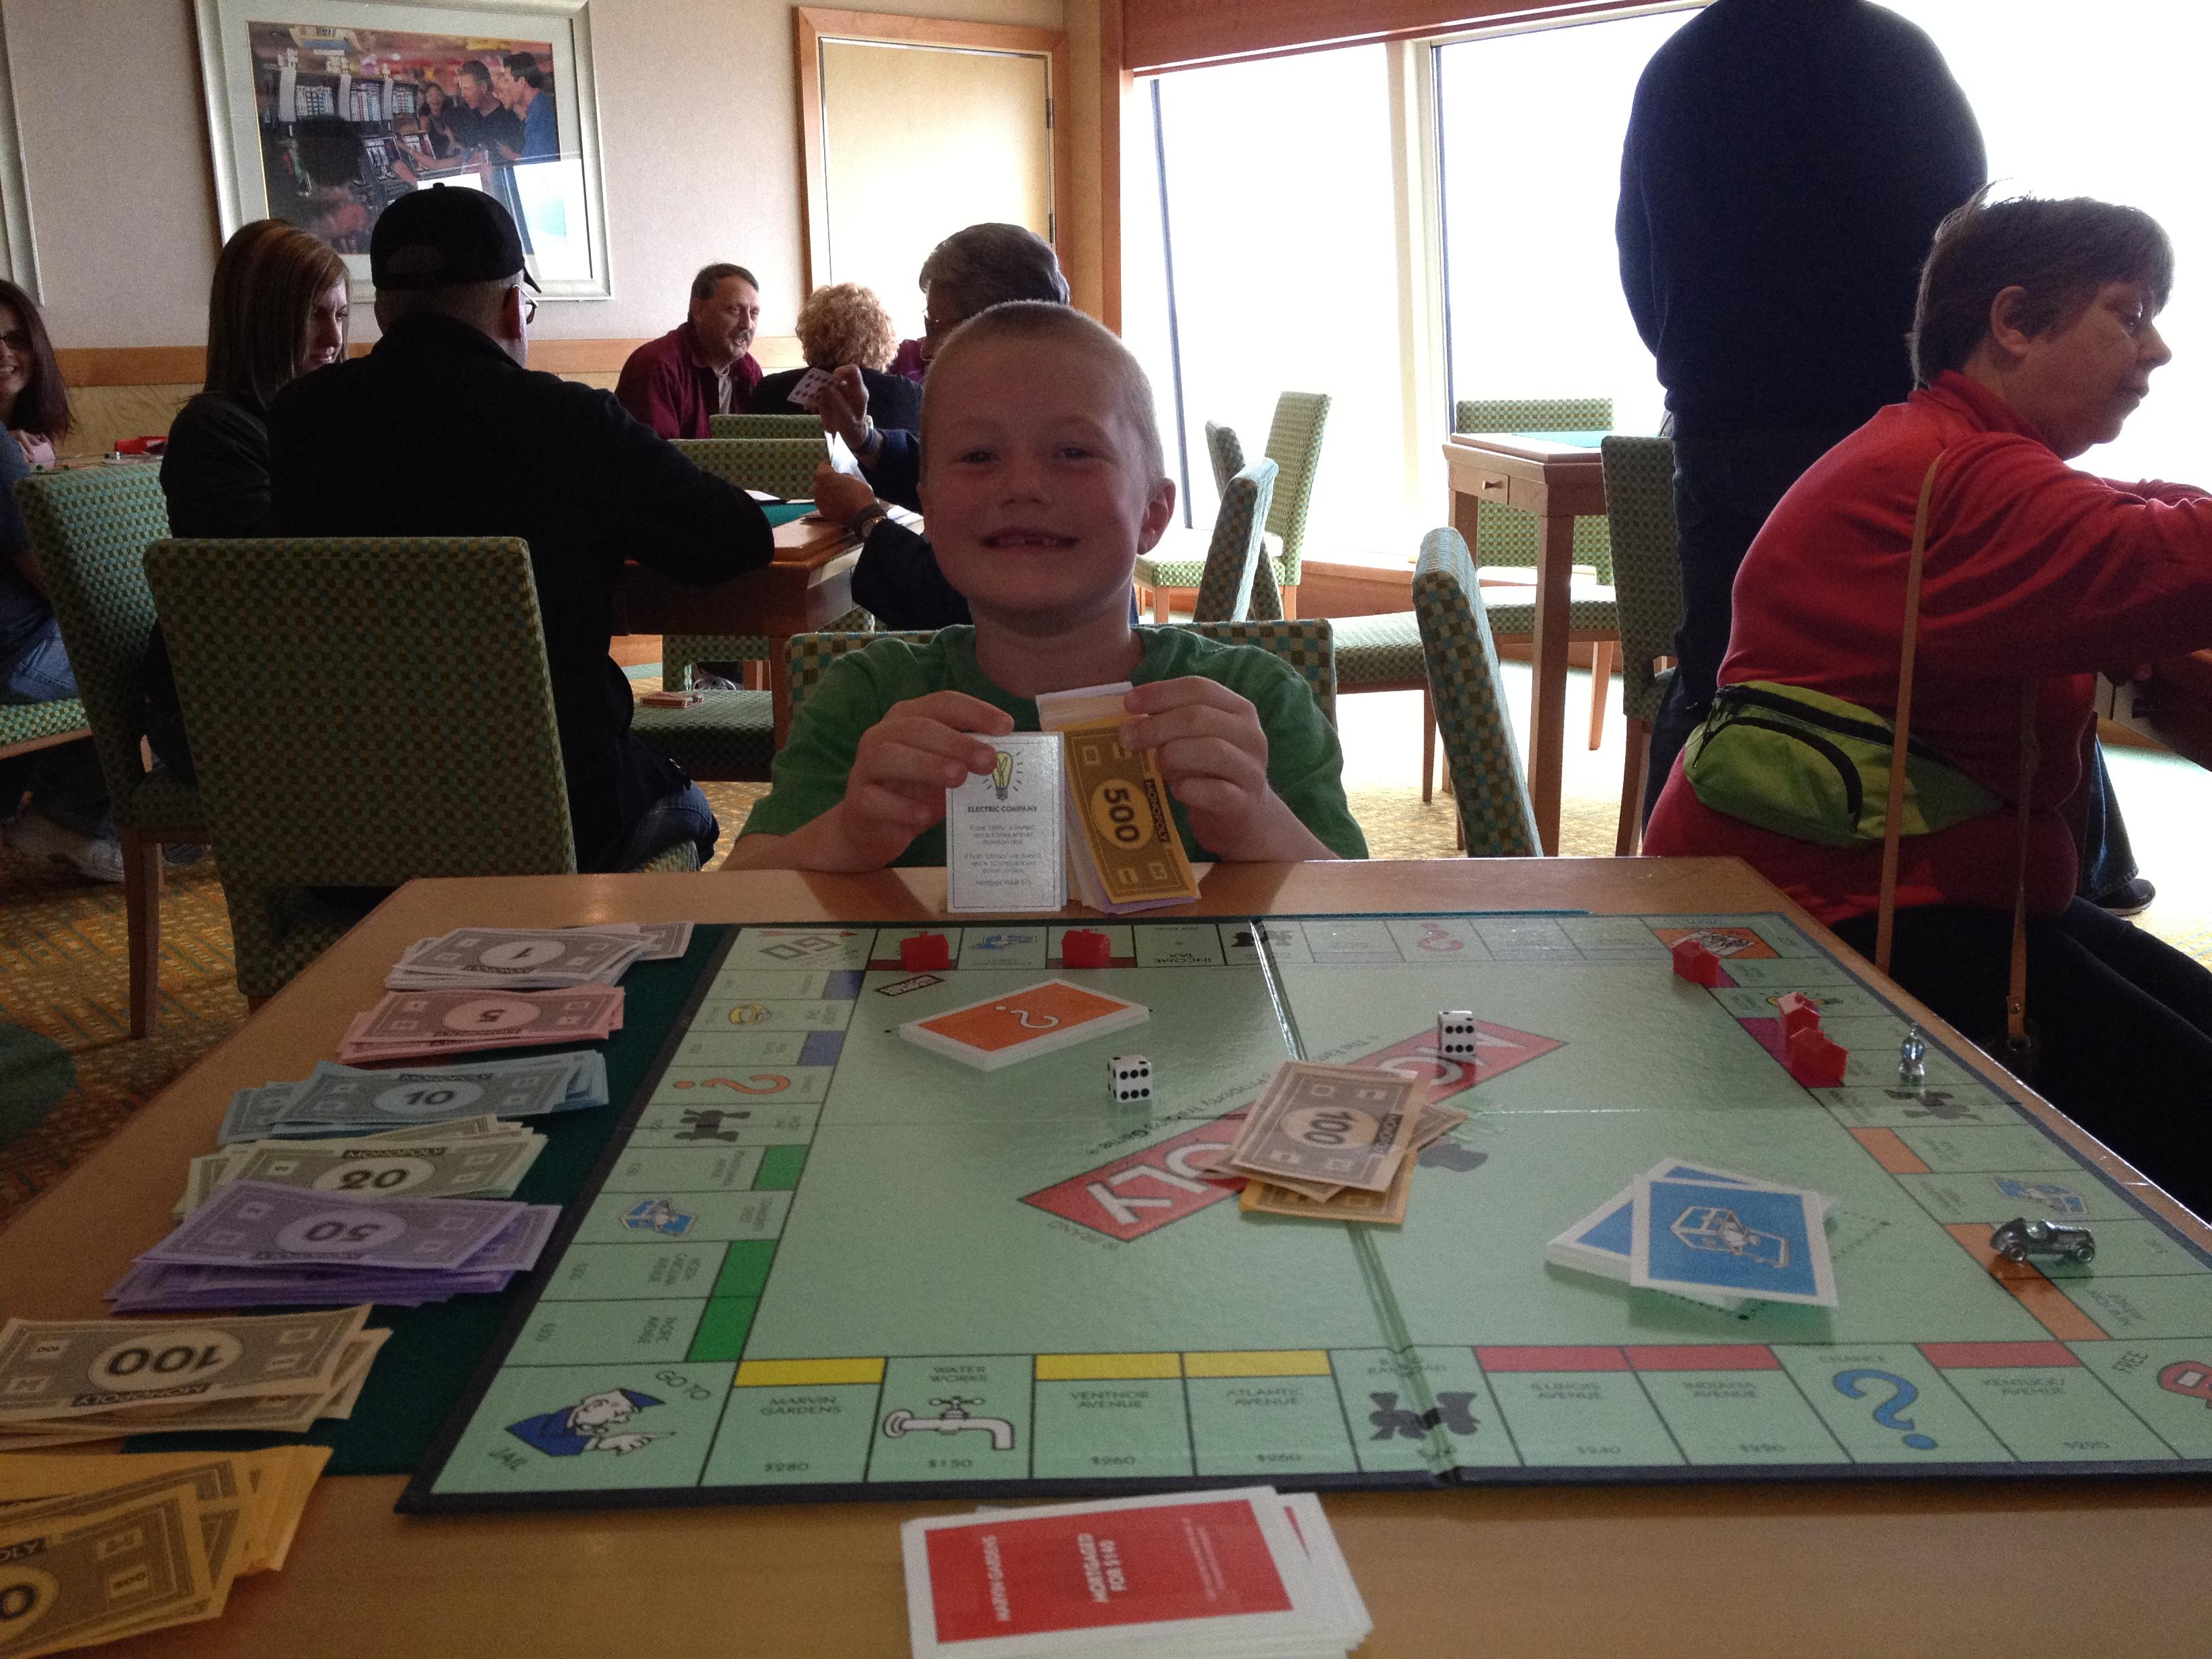 """Výsledok vyhľadávania obrázkov pre dopyt angry kid playing monopoly"""""""